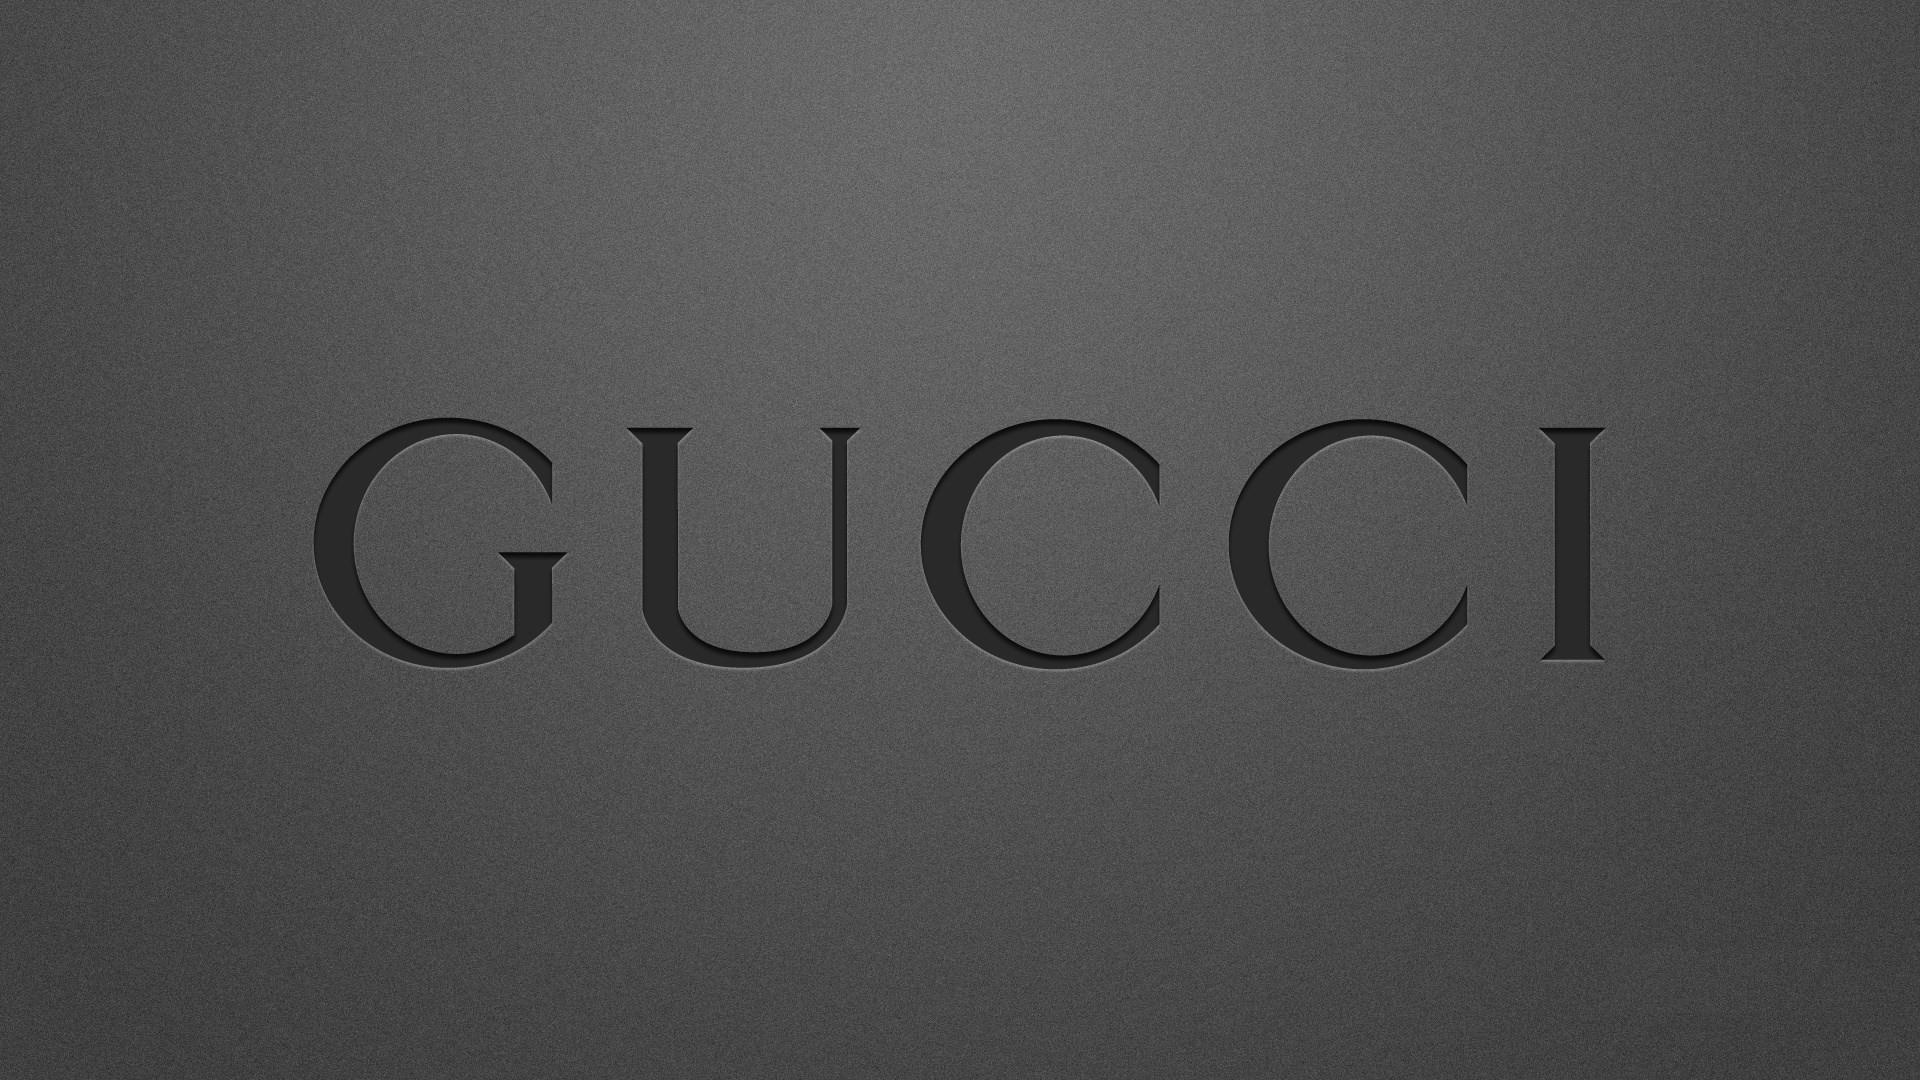 gucci logo wallpaper 183��